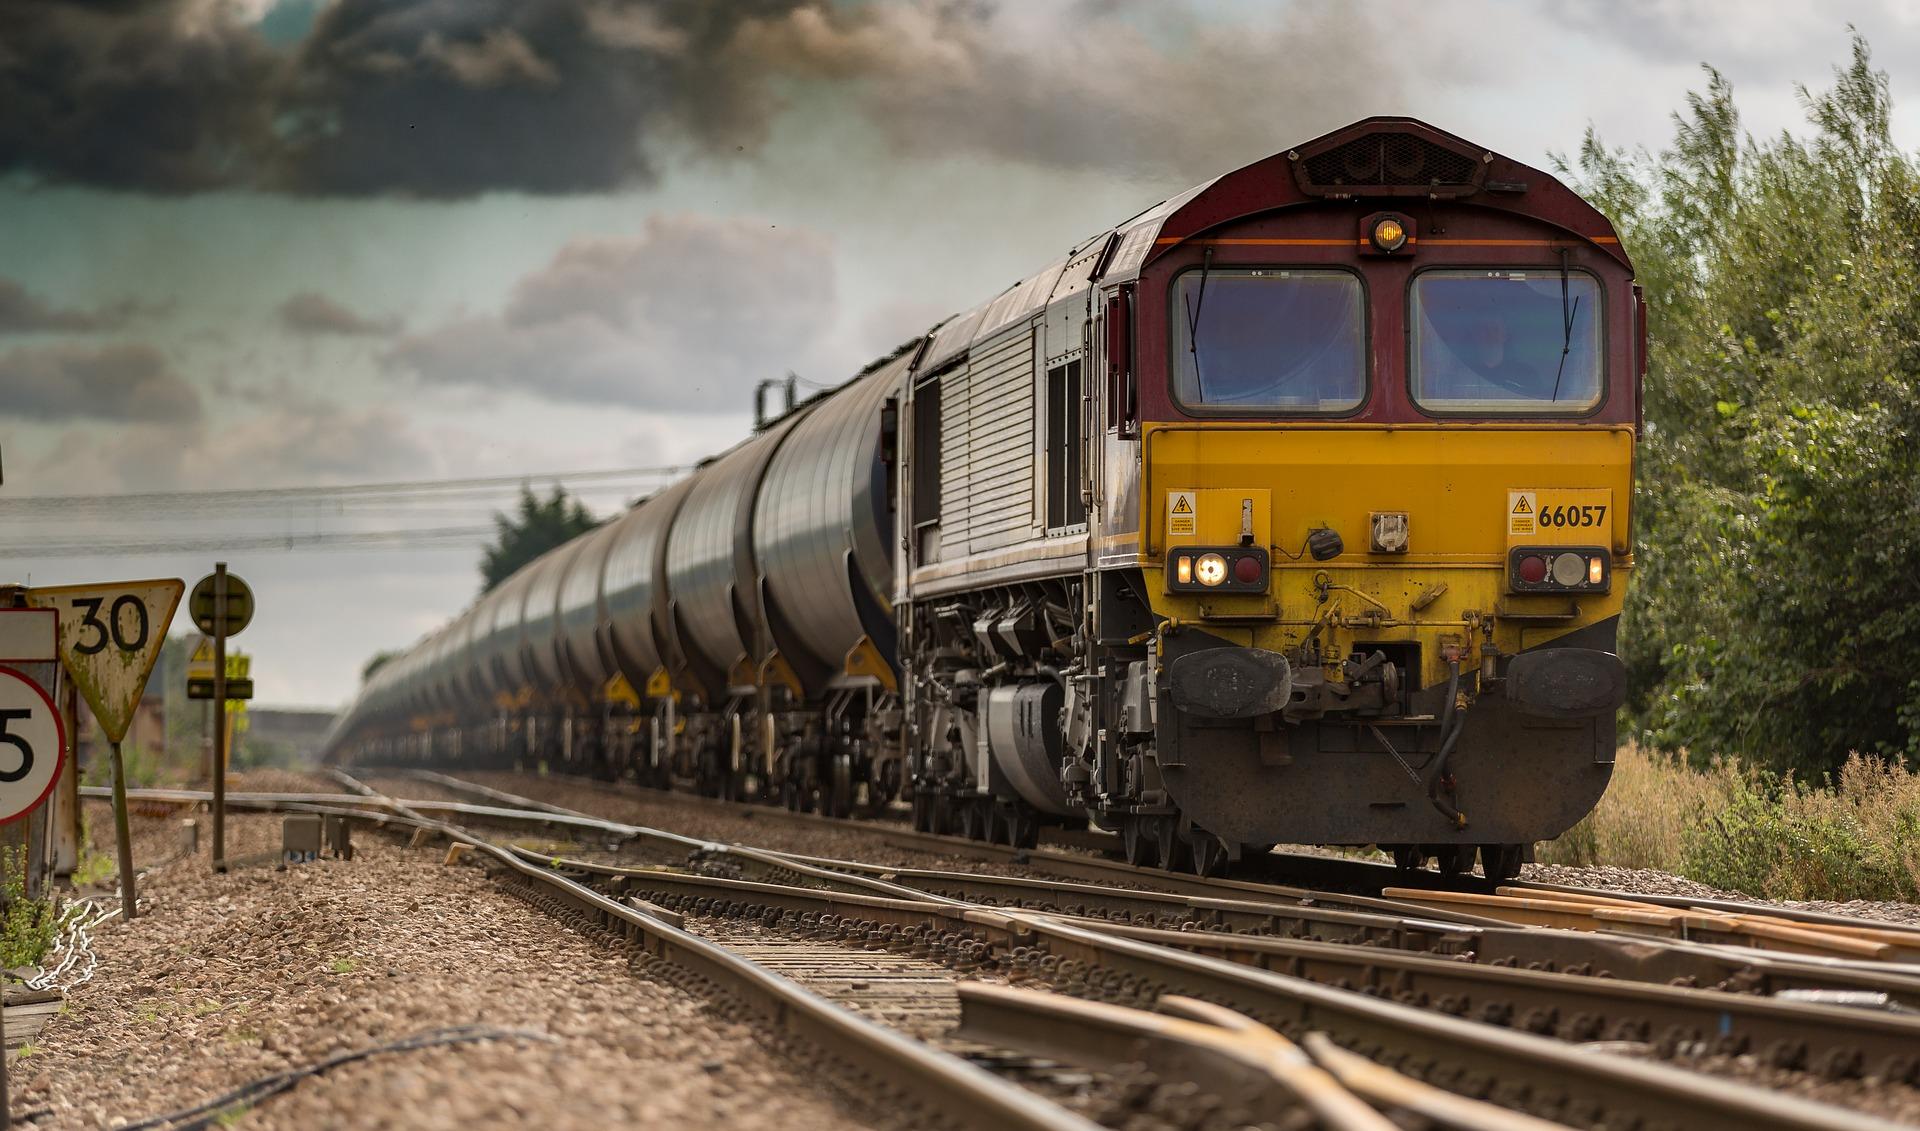 railtrack-1867076_1920